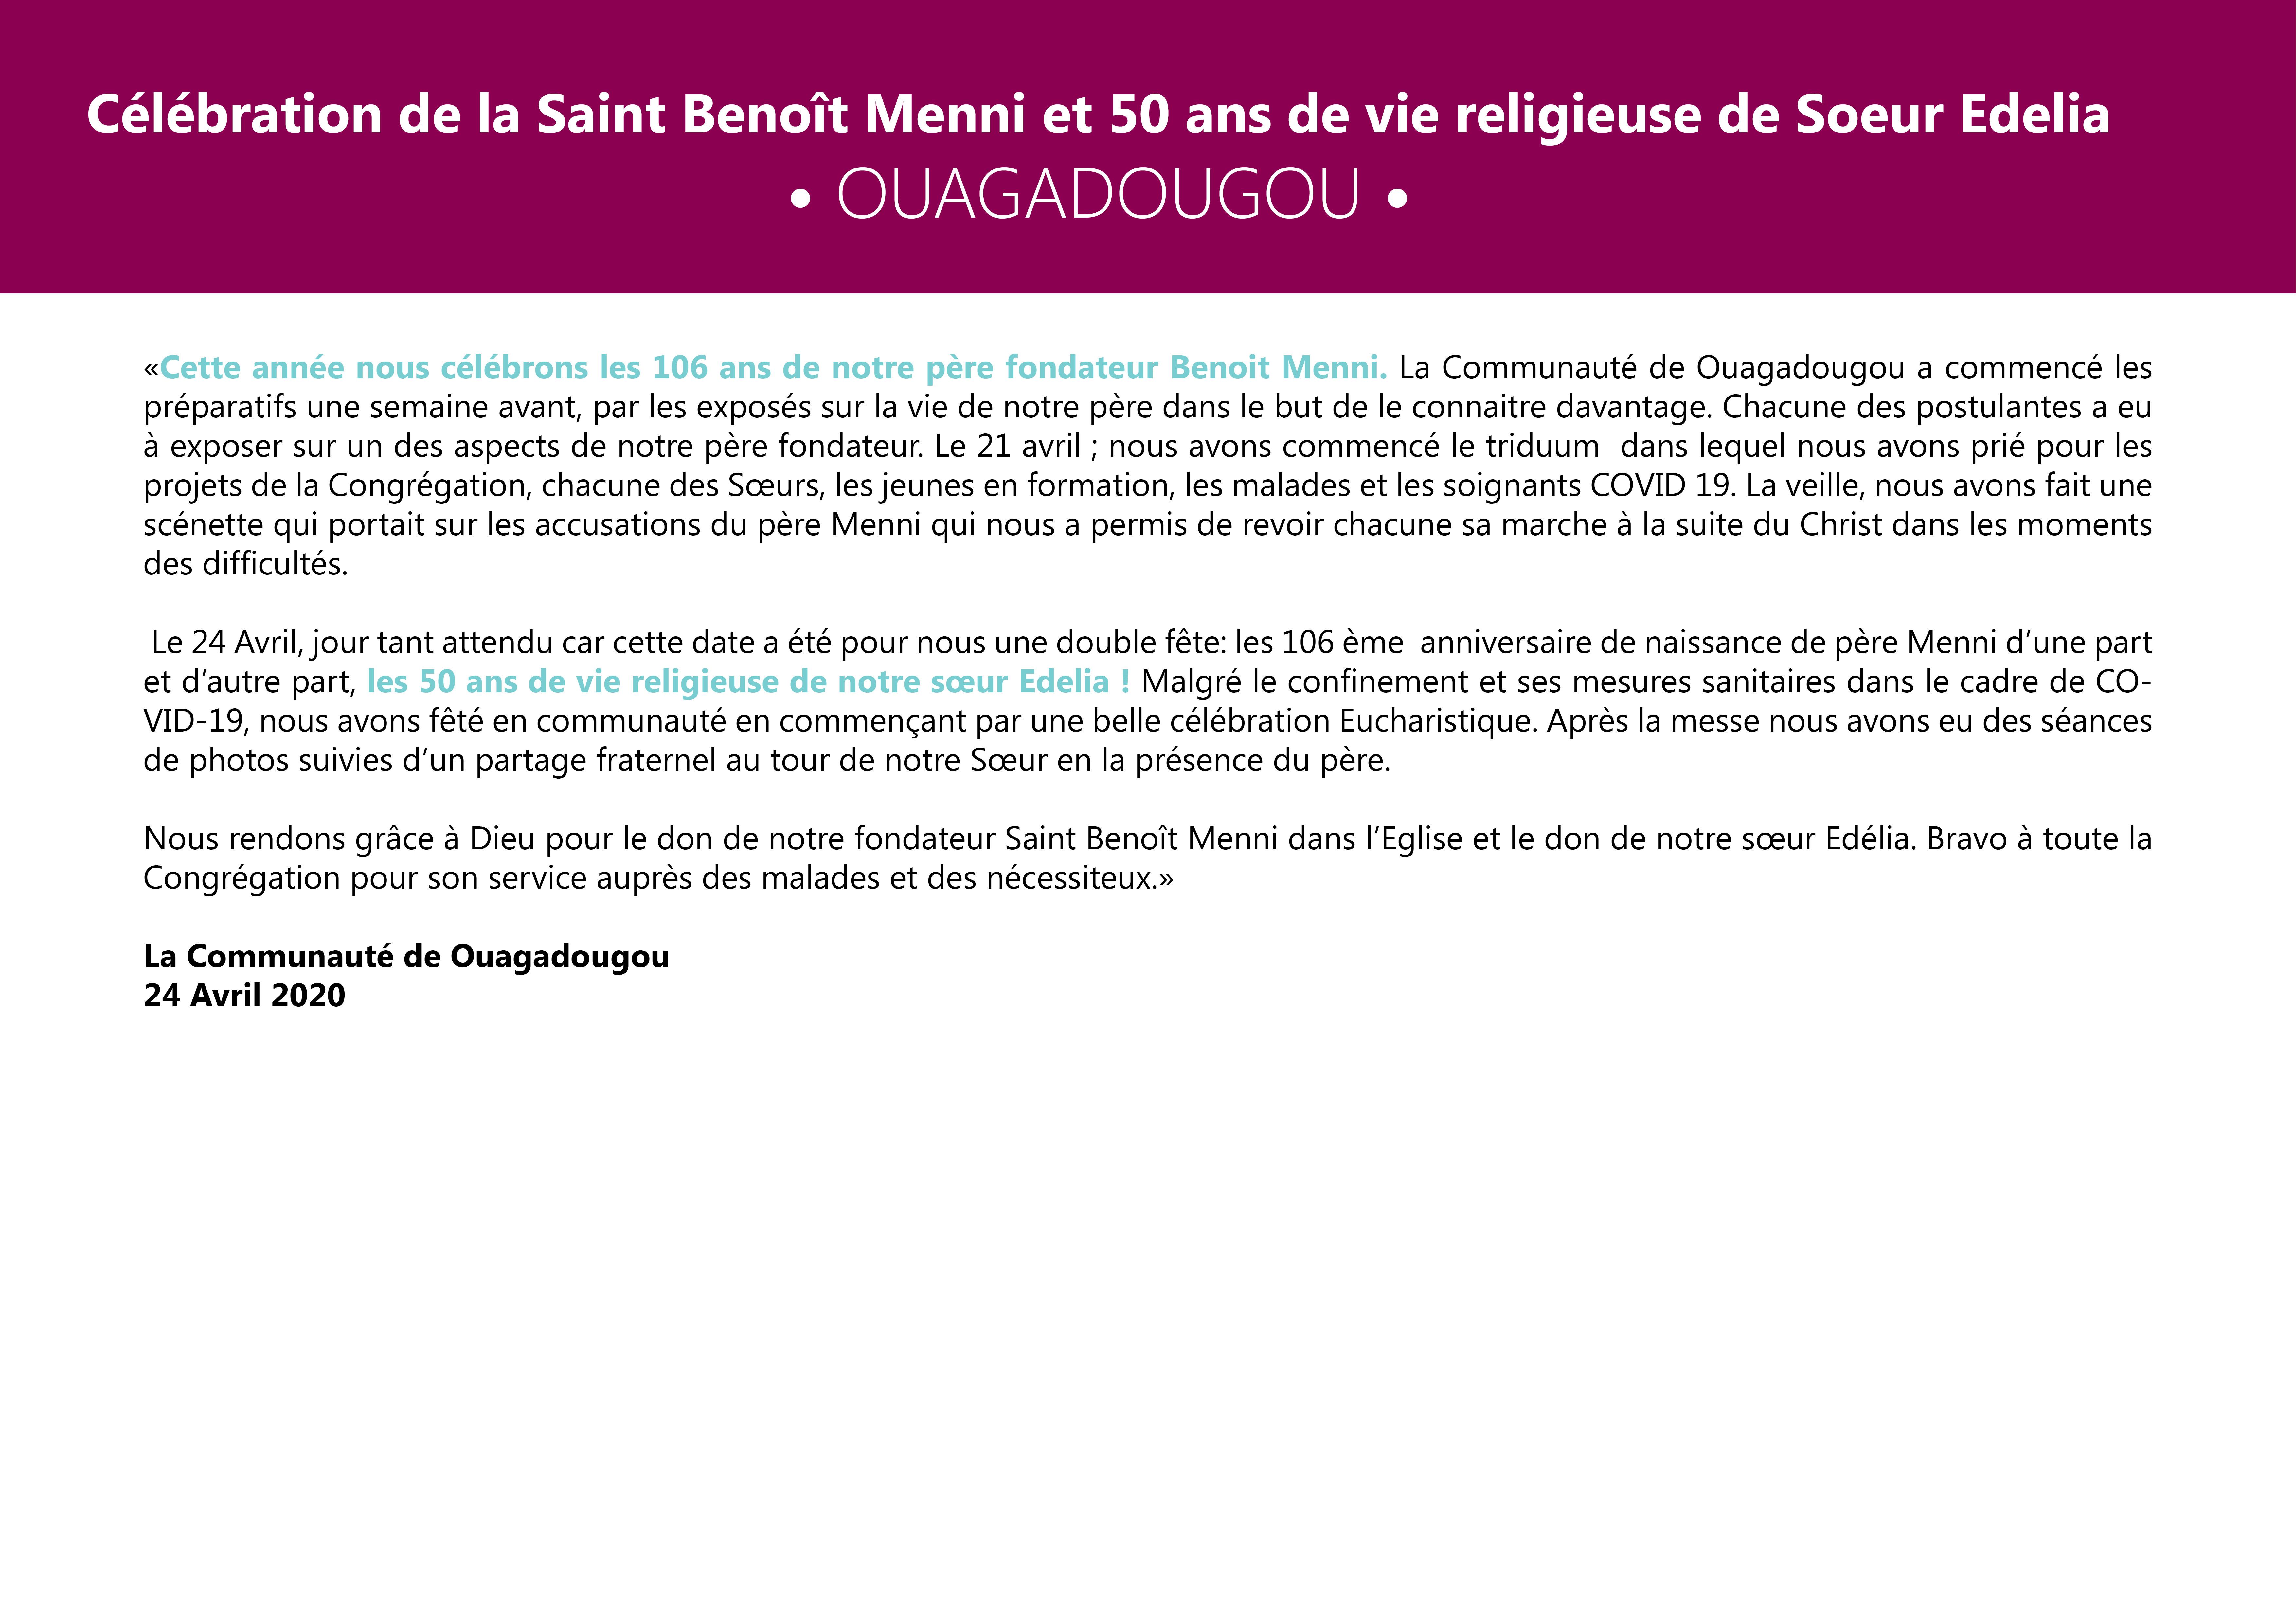 ouagadougou-st-benoit-menni